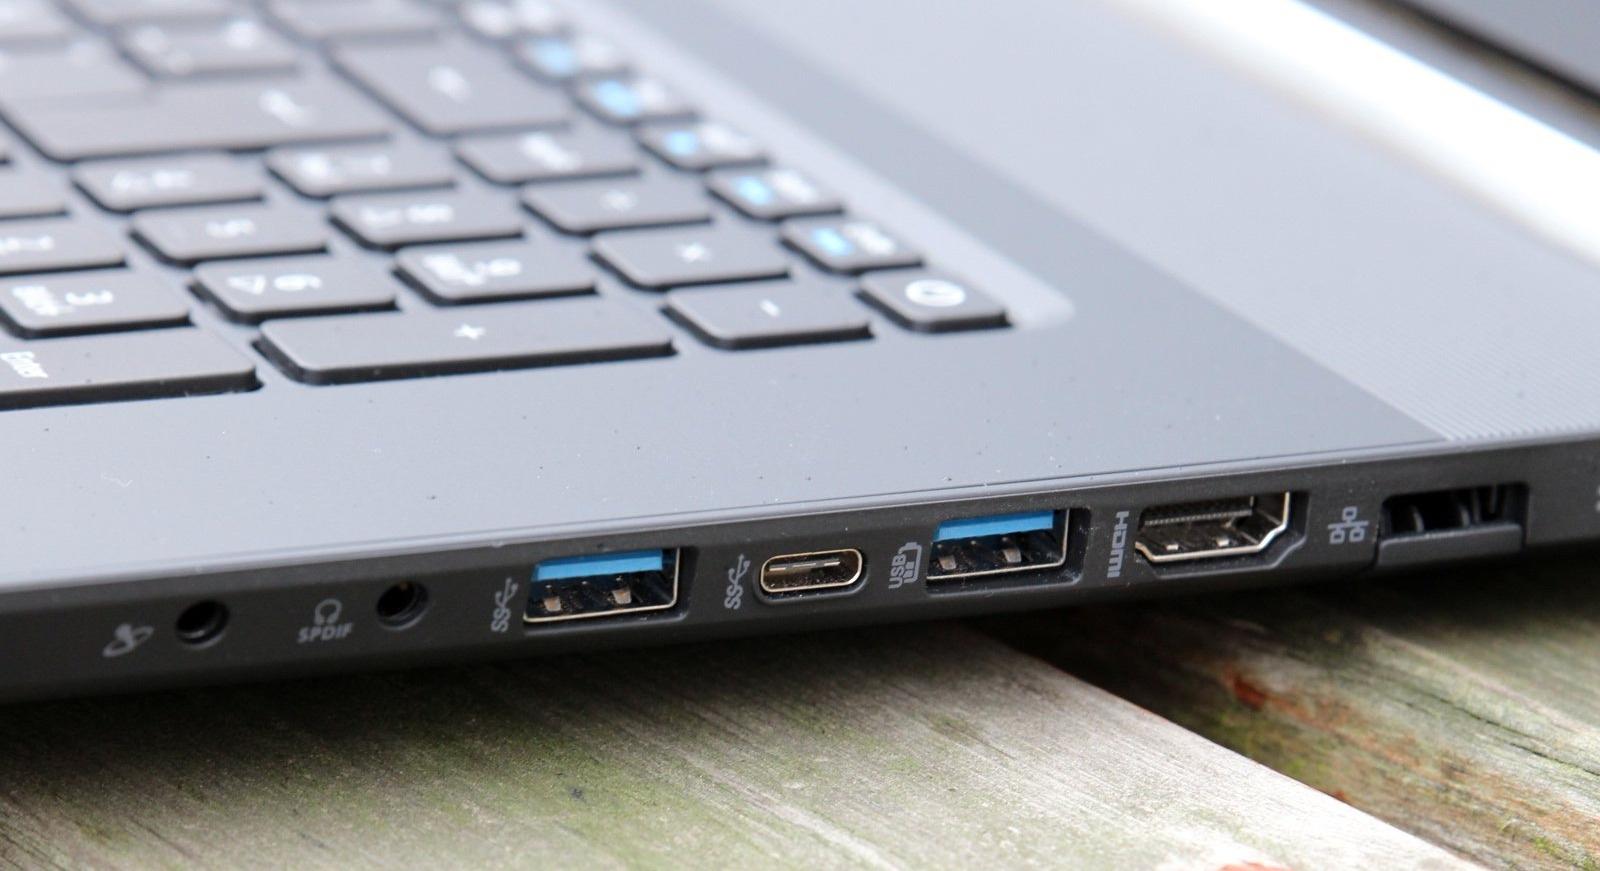 Бюджетные модели ноутбуков по-прежнему имеют стандартный минимум для периферии